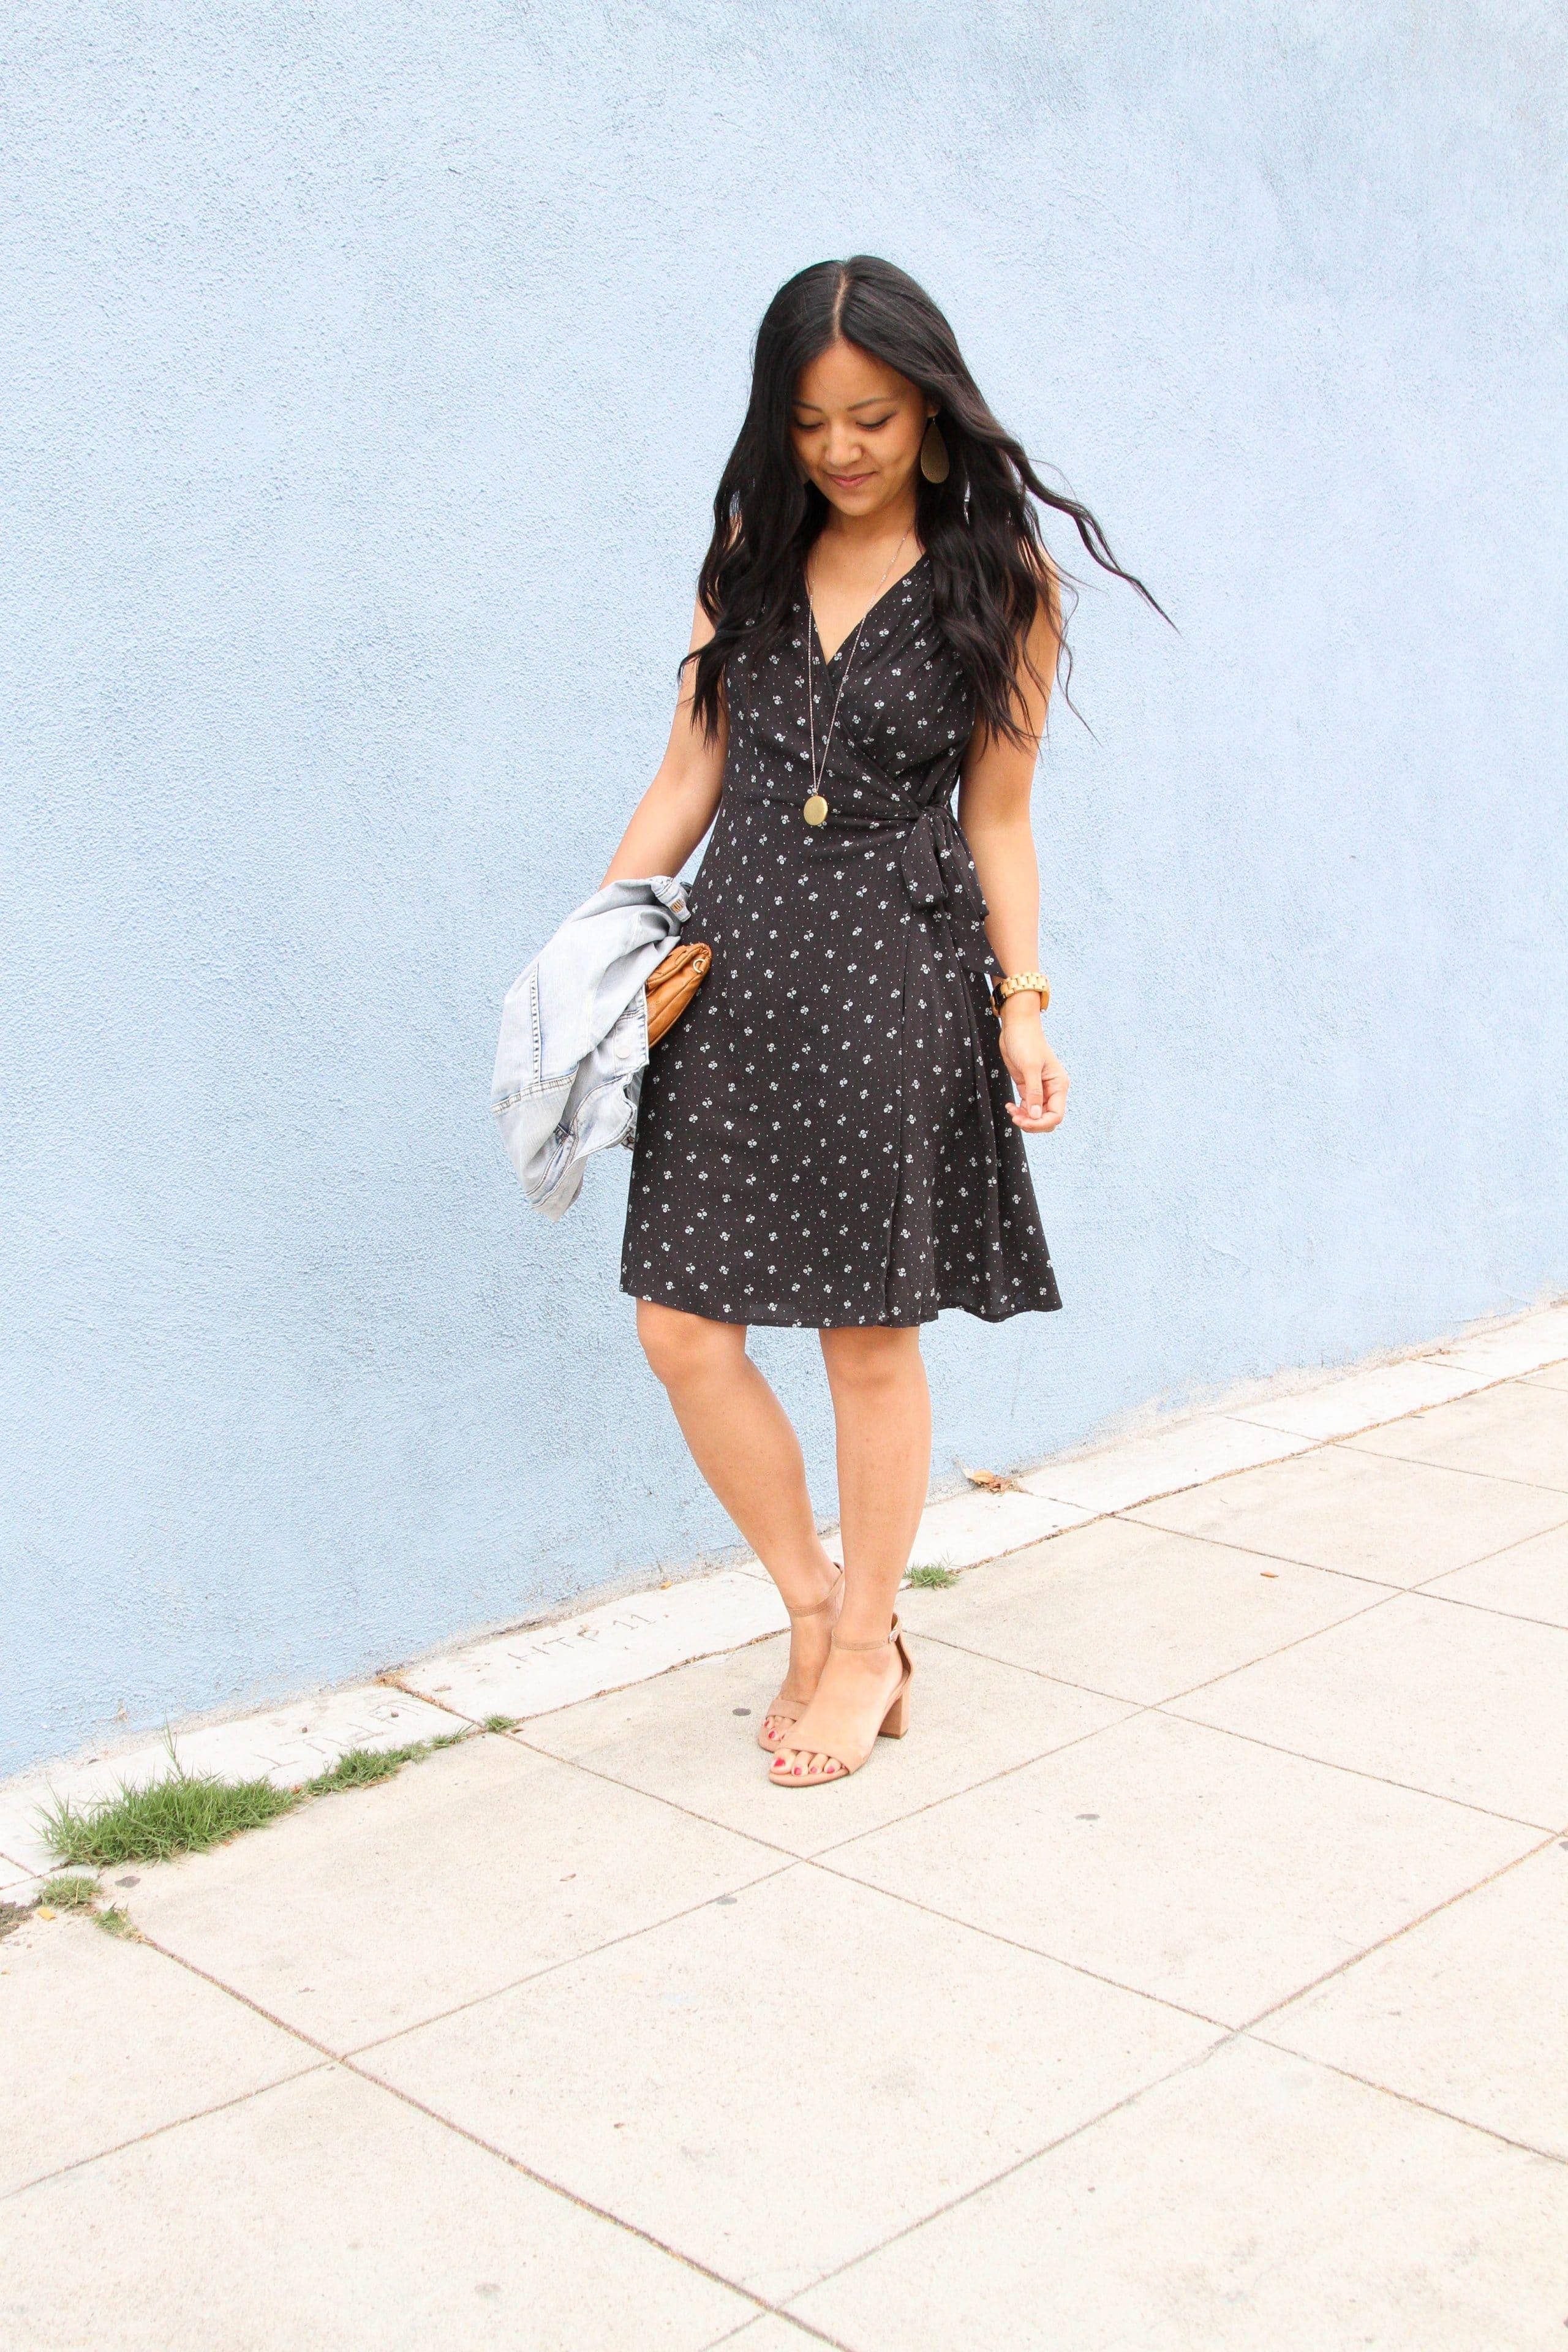 black floral wrap dress + pendant necklace + taupe block heel sandals + cognac clutch + denim jacket